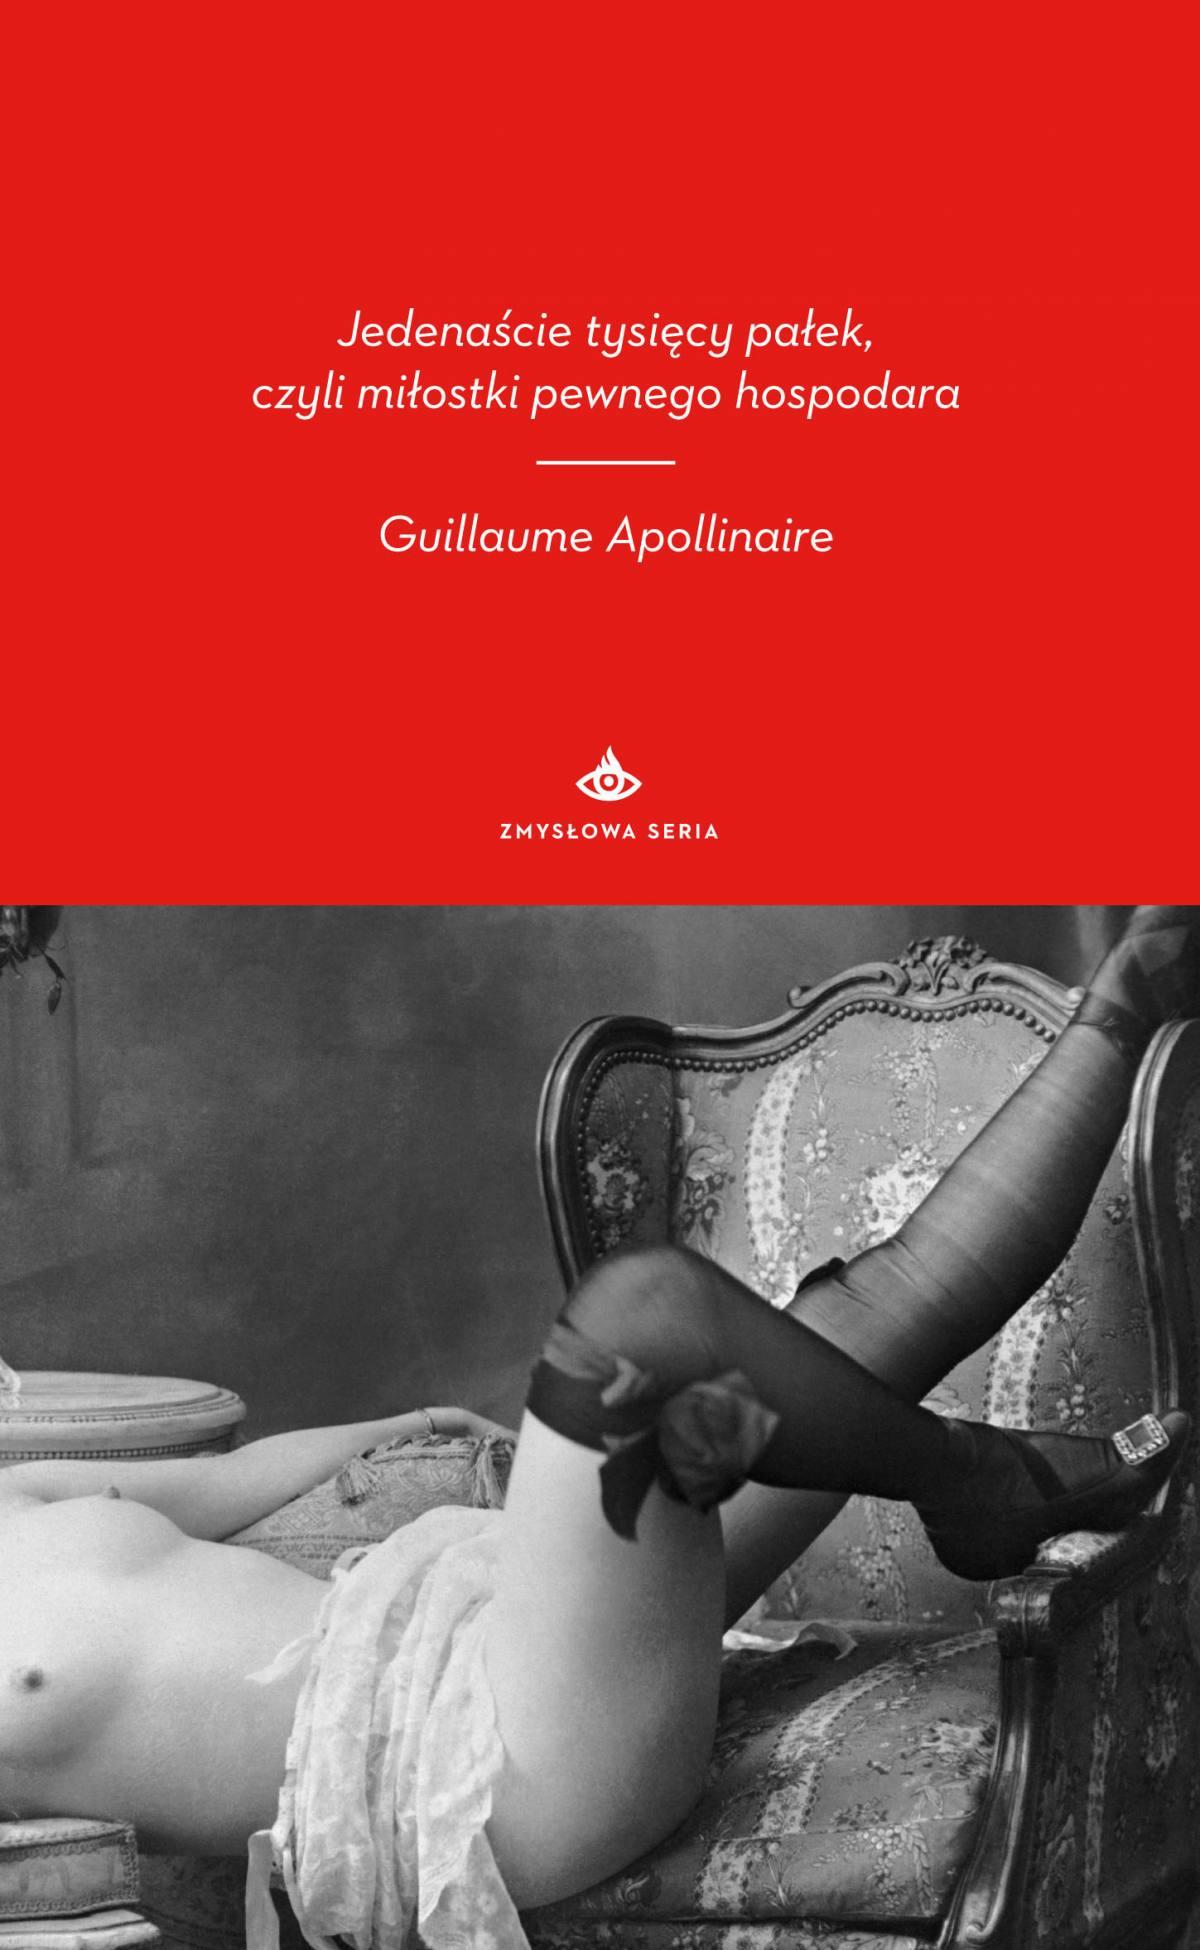 Jedenaście tysięcy pałek, czyli miłostki pewnego hospodara - Ebook (Książka na Kindle) do pobrania w formacie MOBI